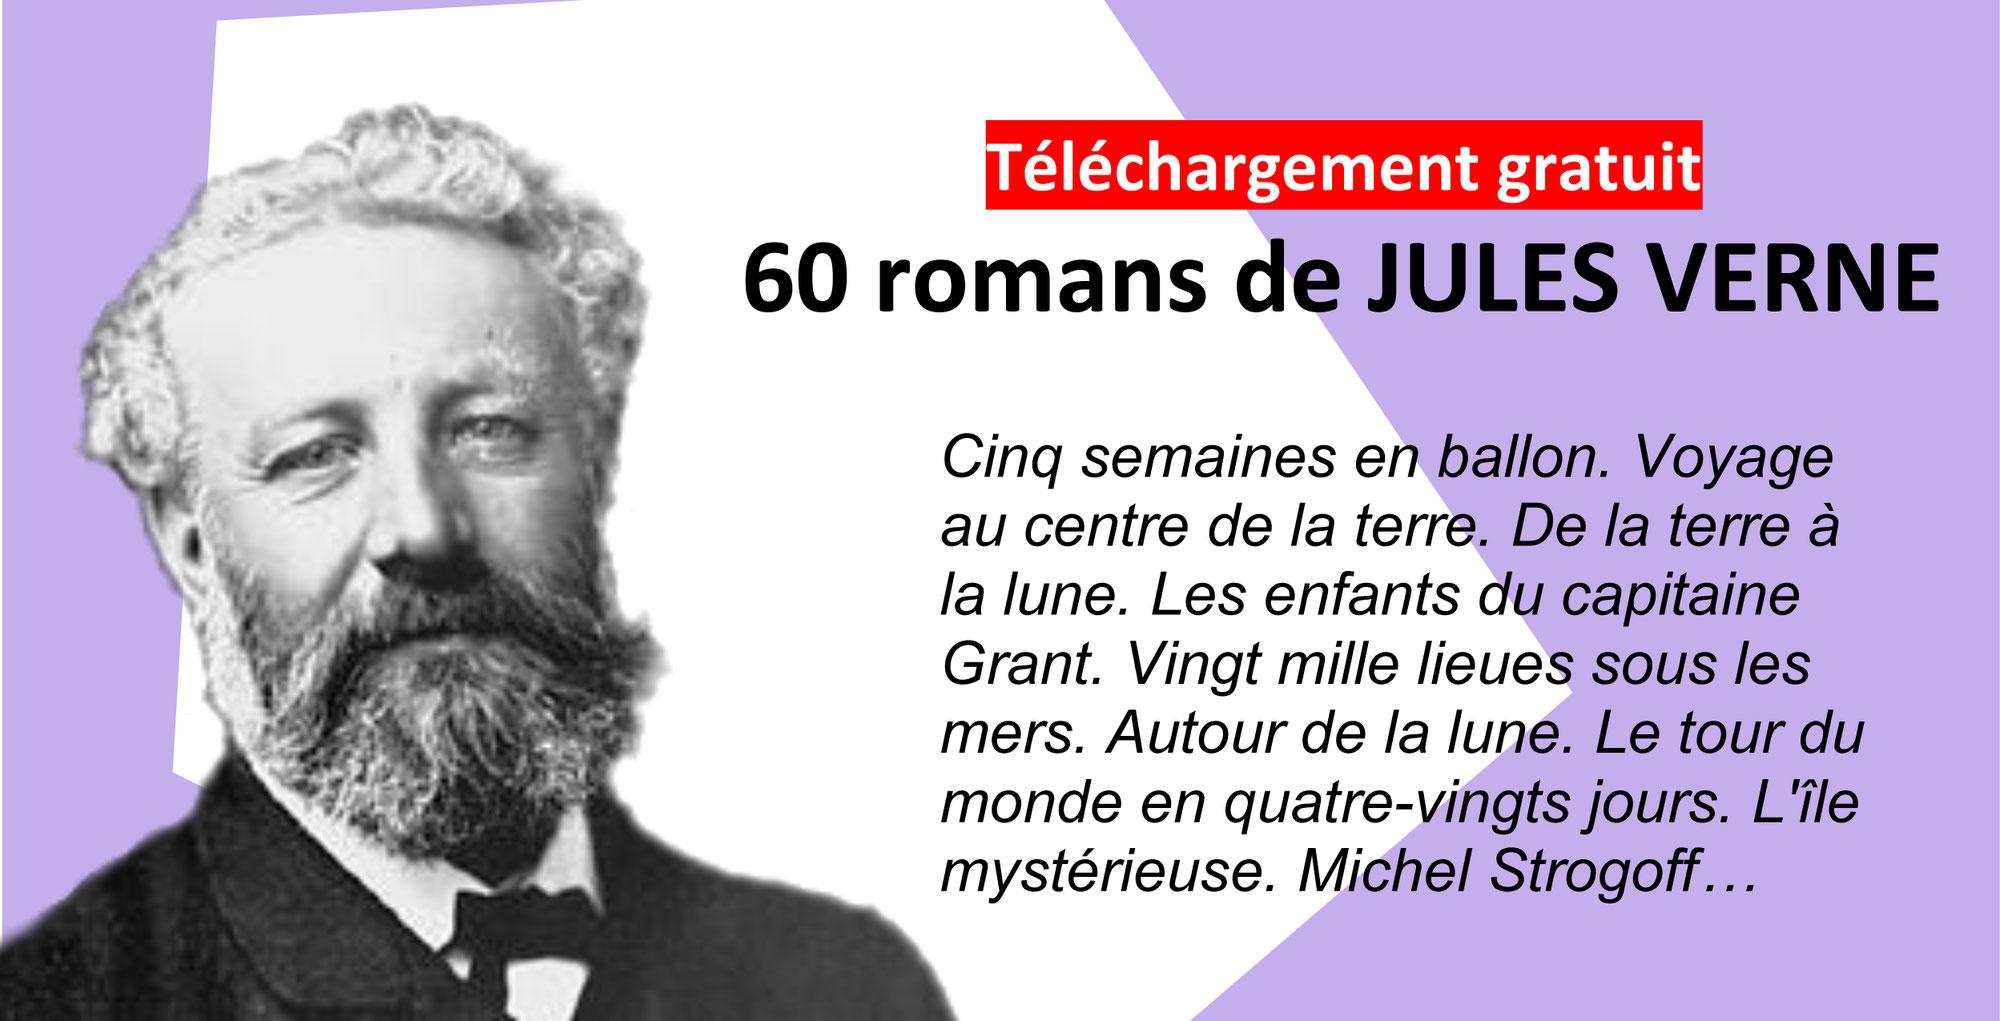 60 ROMANS DE JULES VERNE en téléchargement gratuit (format PDF et Ebook)